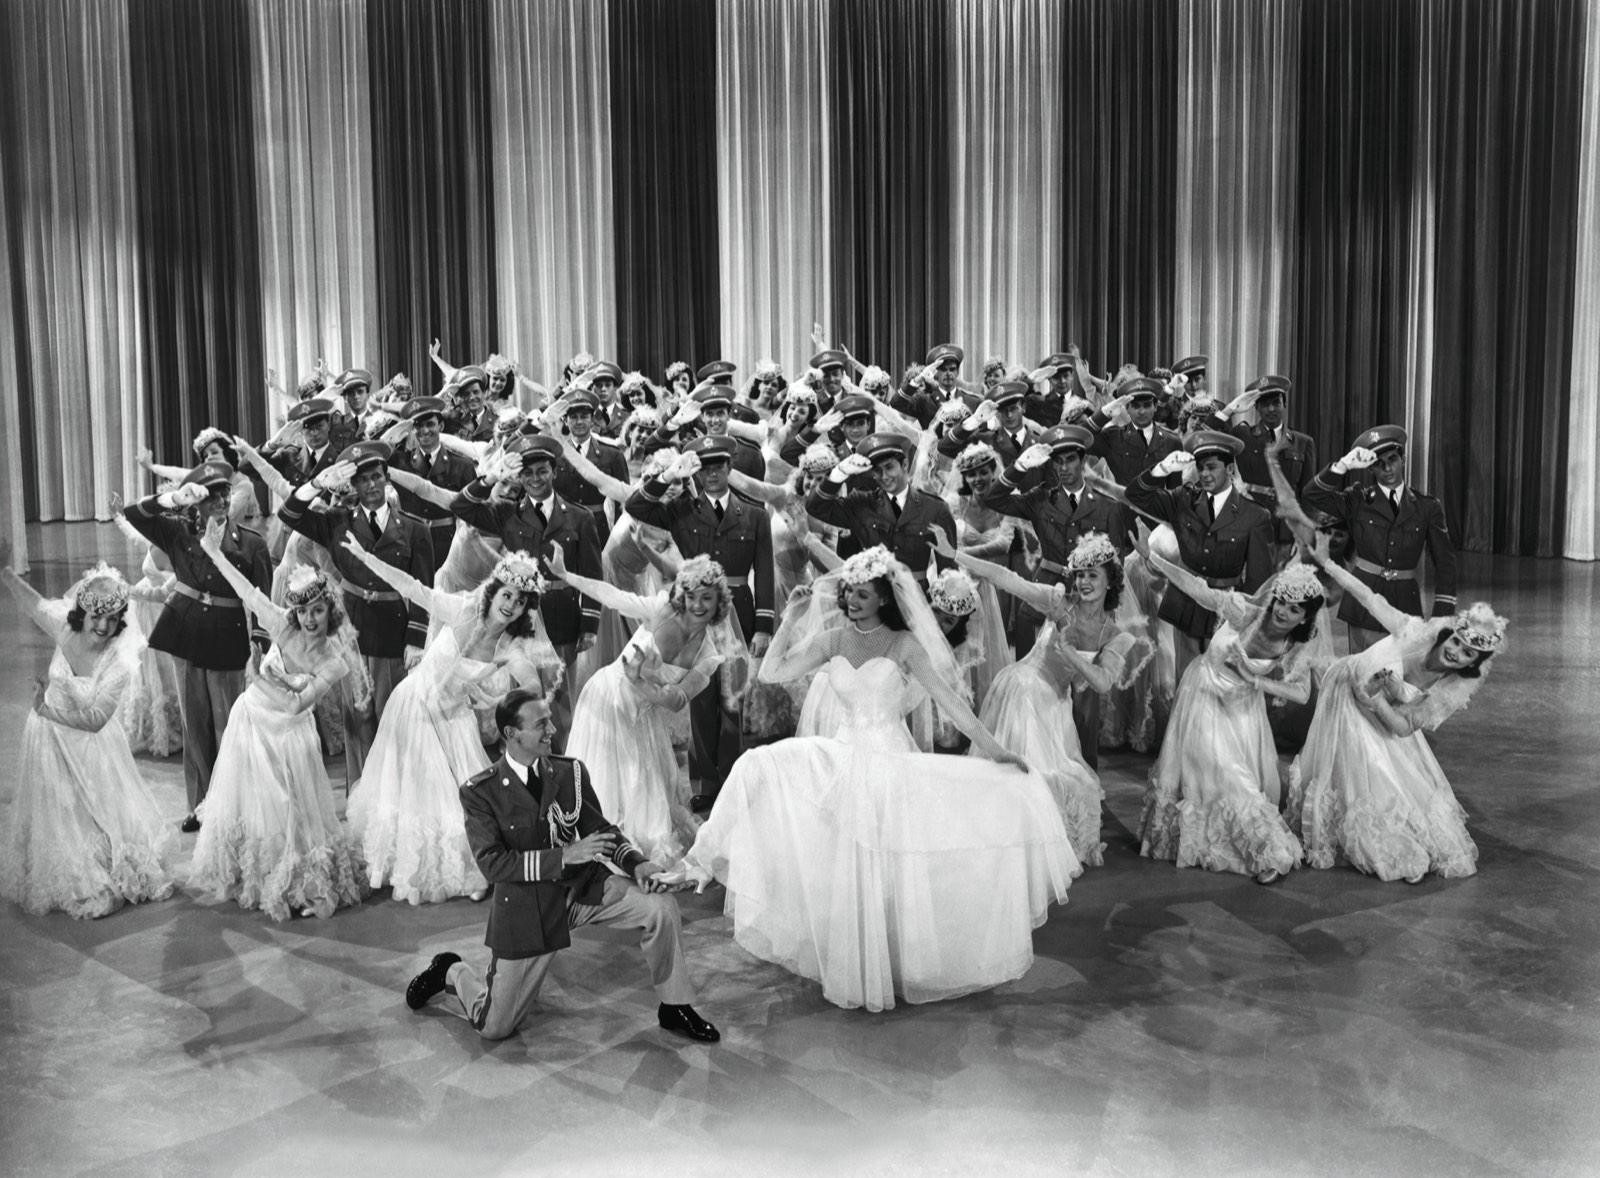 You'll Never Get Rich (1941), dir. Sidney Lanfield